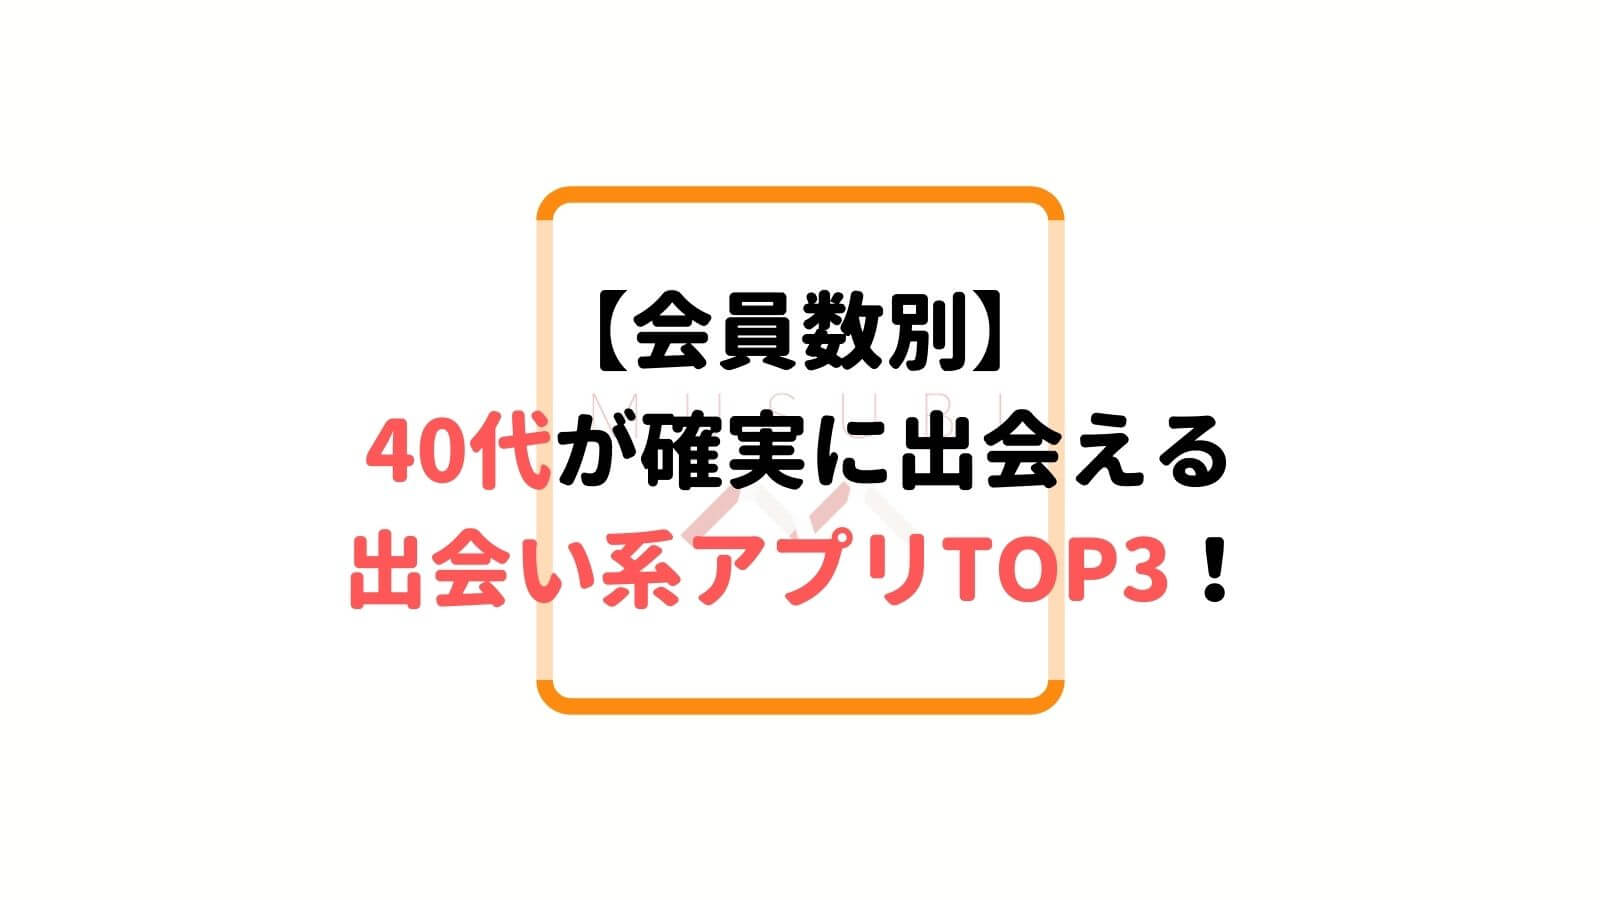 アプリ 出会い 40 代